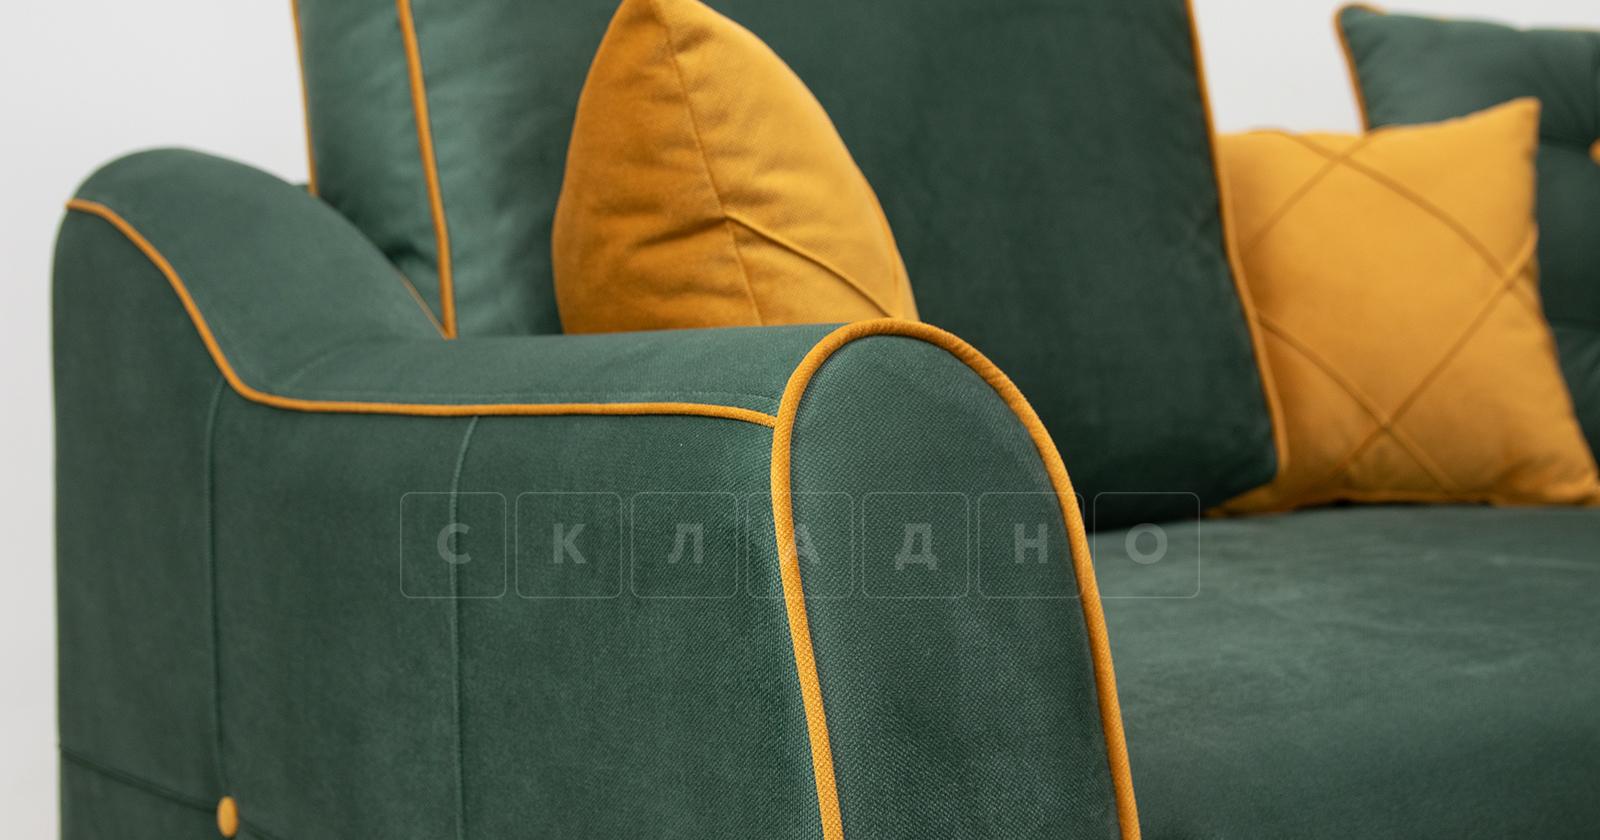 Диван-кровать угловой Флэтфорд нефритовый зеленый фото 10 | интернет-магазин Складно